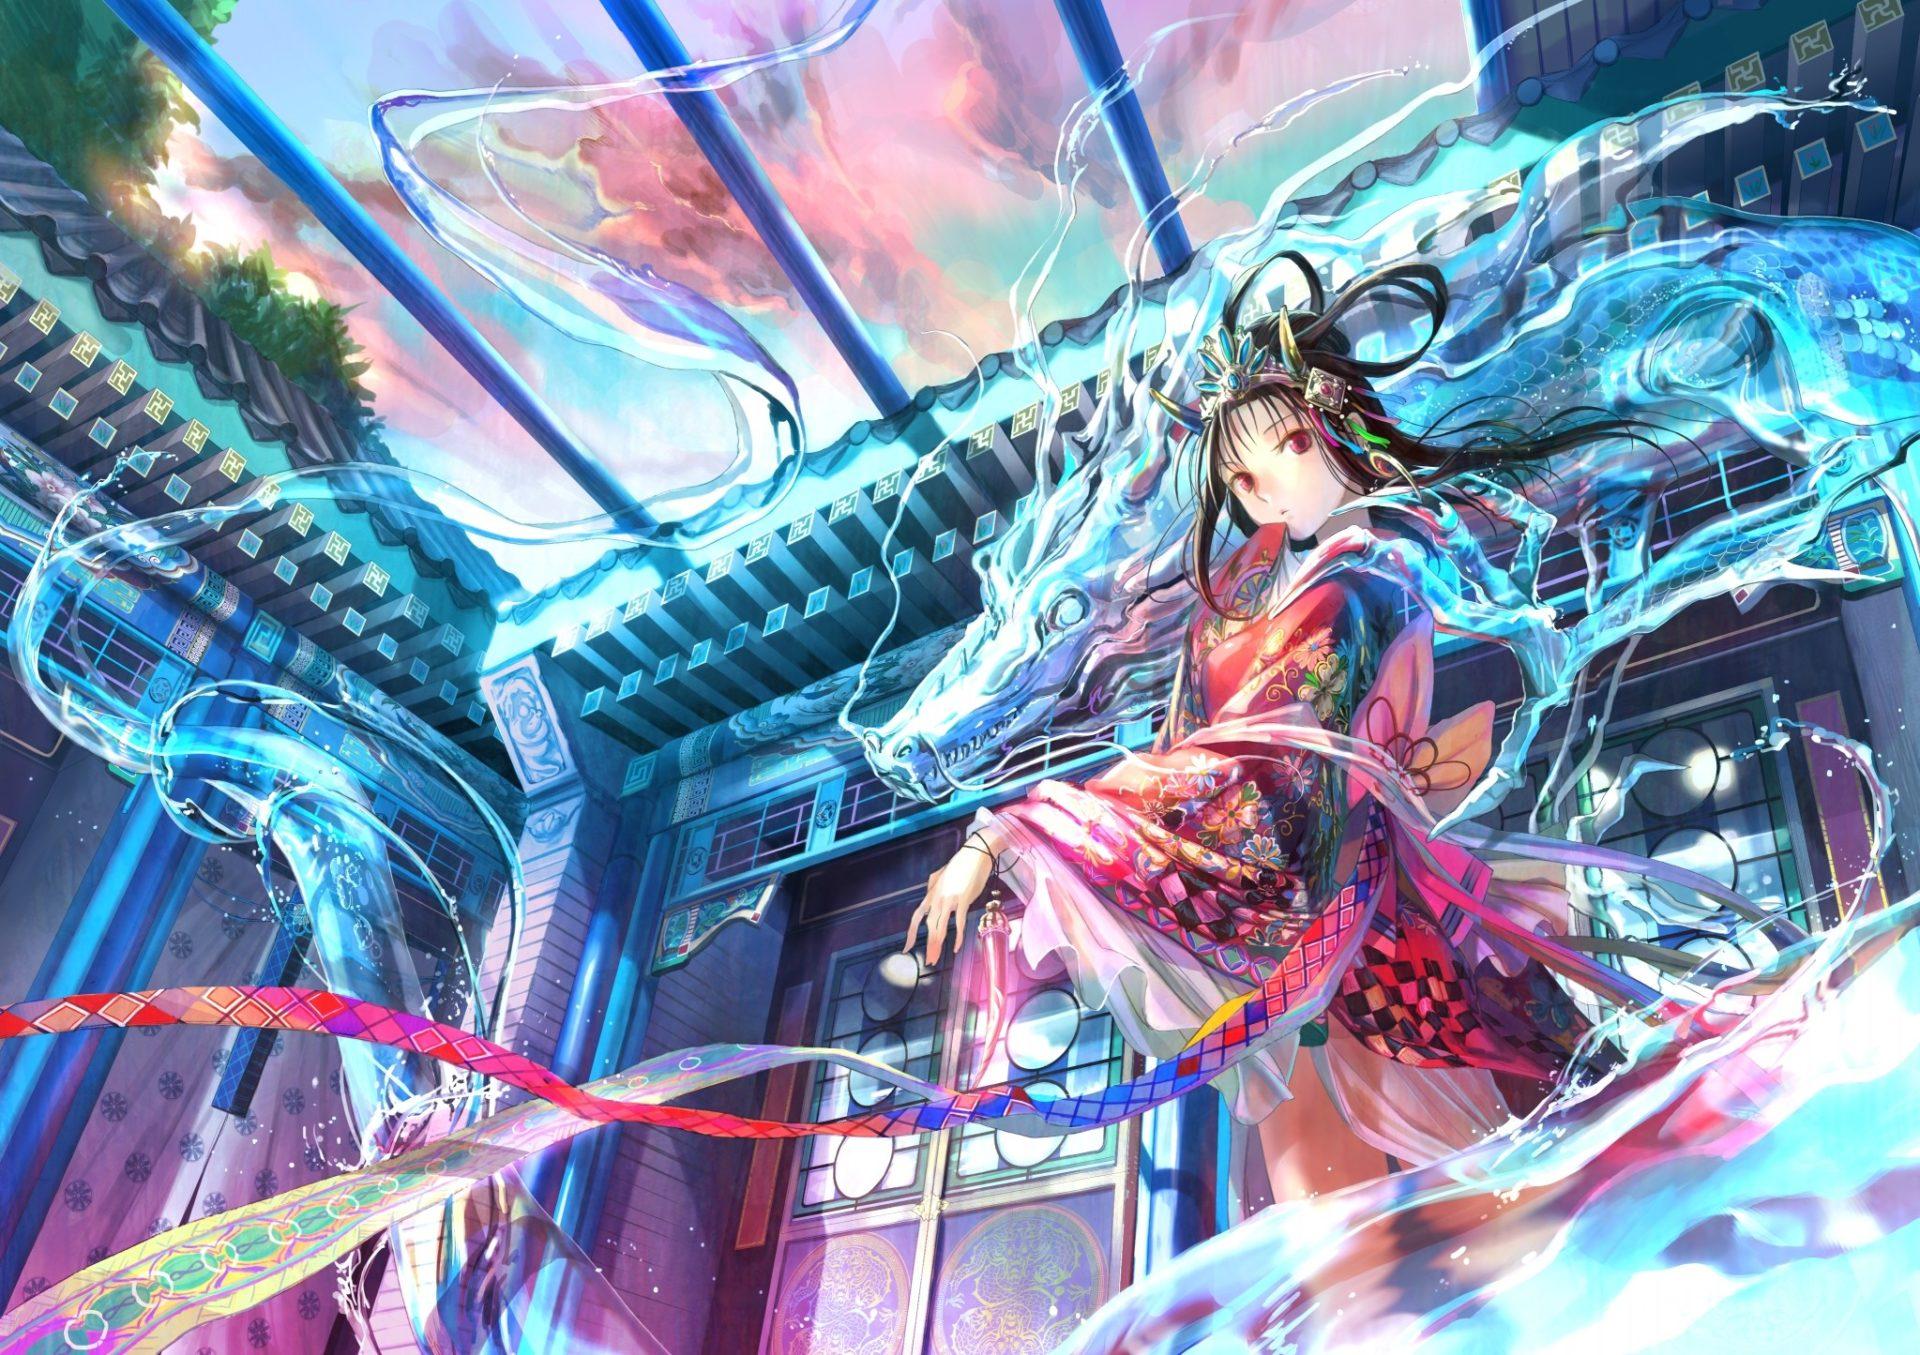 Anime Manga Hd Wallpapers New Tab Theme Playtime